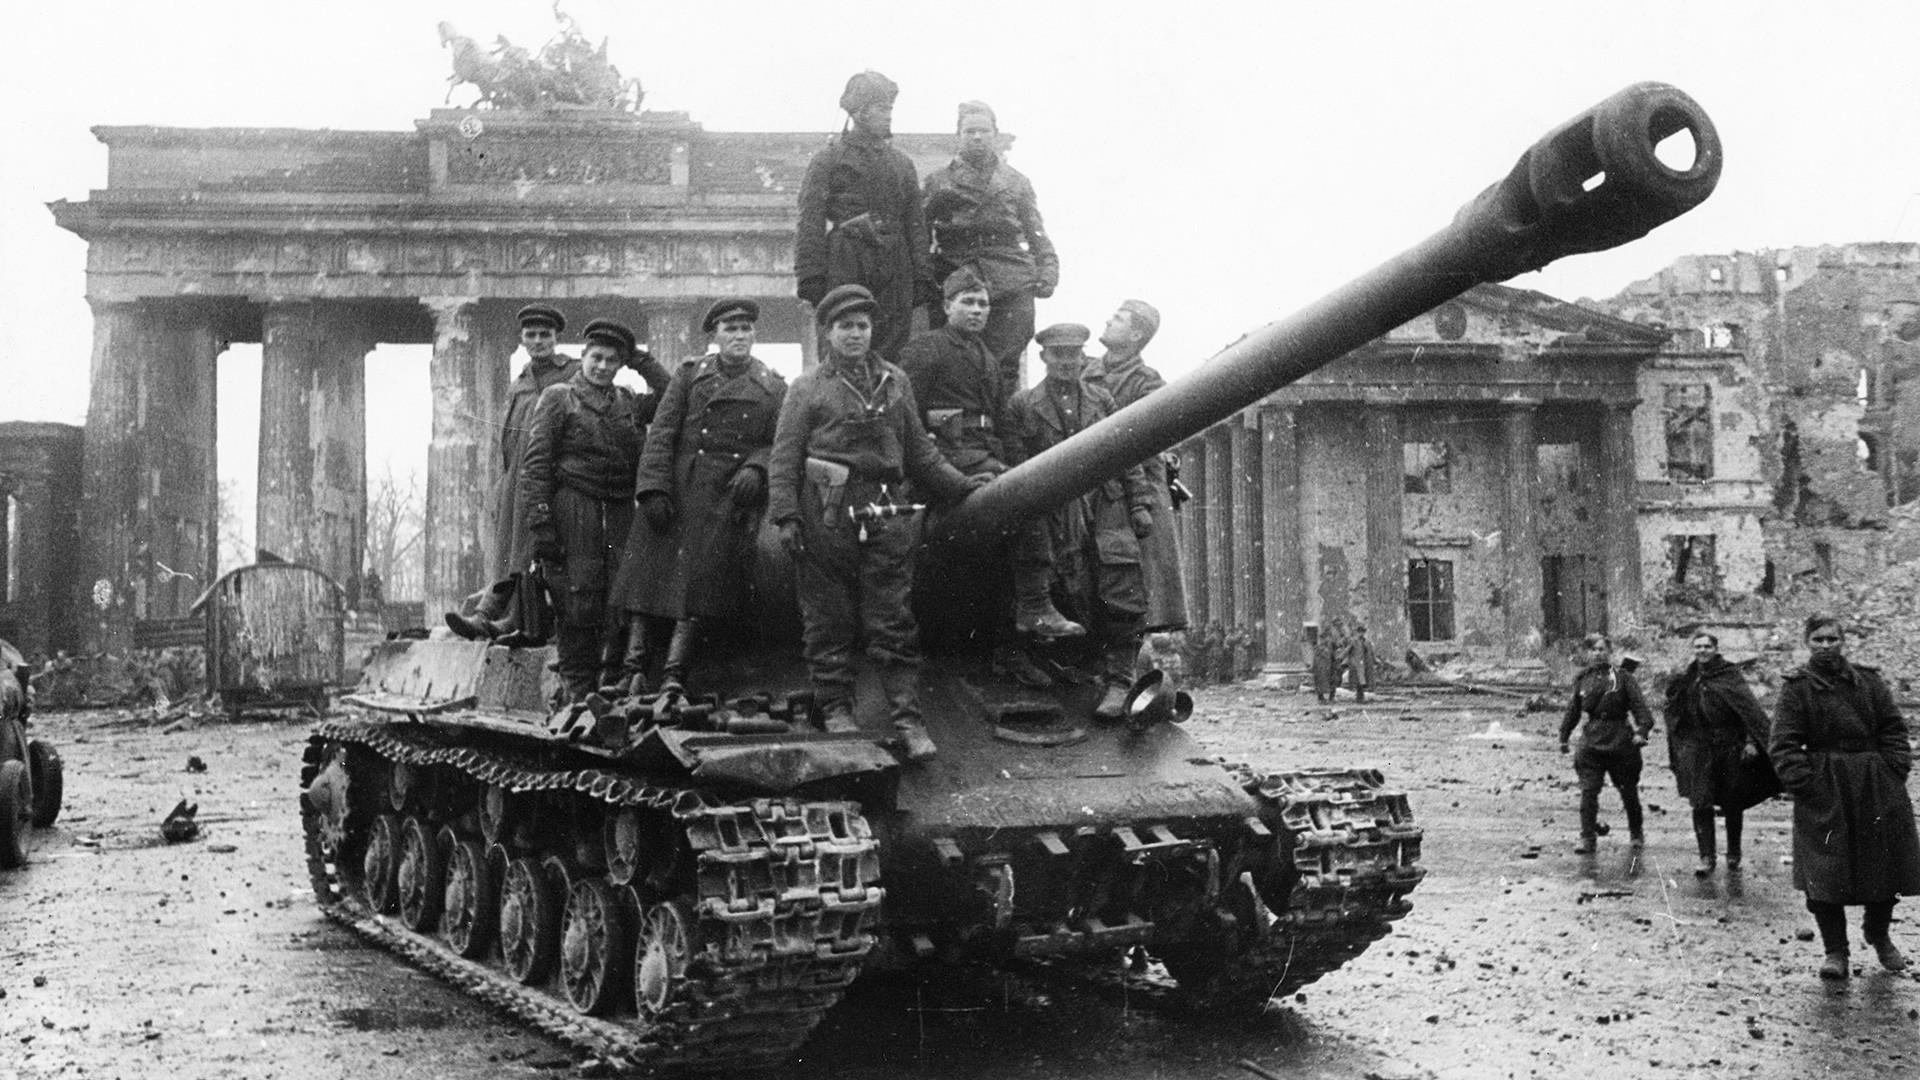 Танк ИС-2 у Бранденбургских ворот.